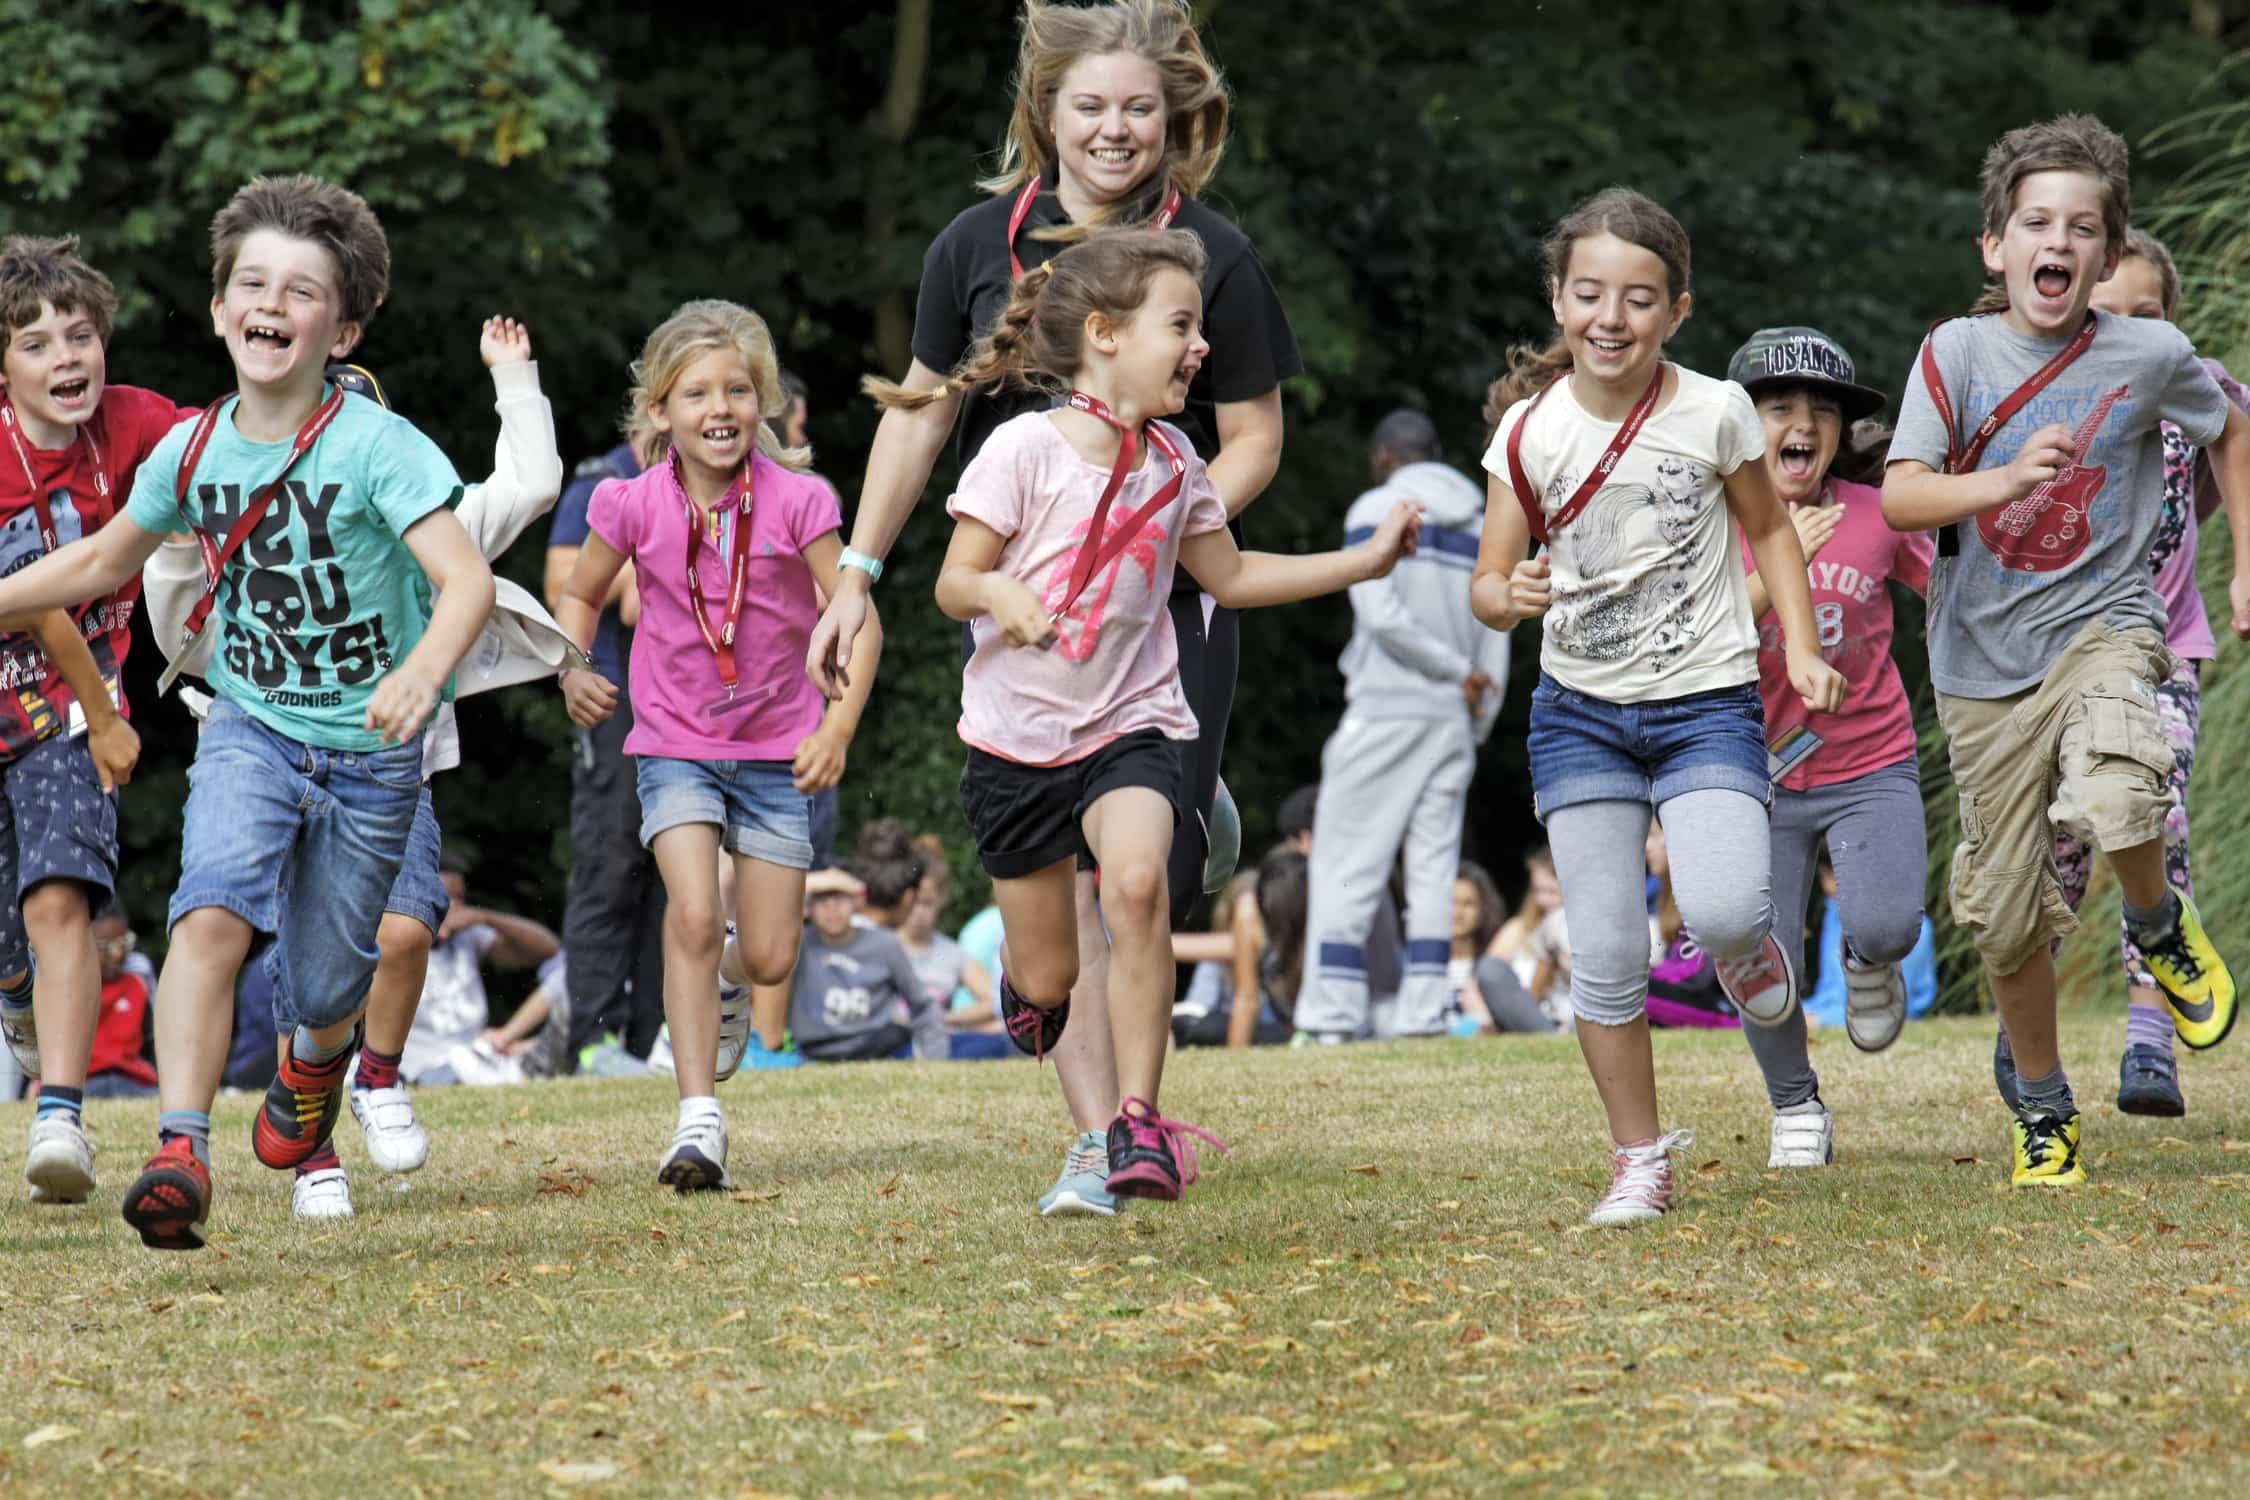 языковые лагеря за границей для детей и подростков: английский и не только